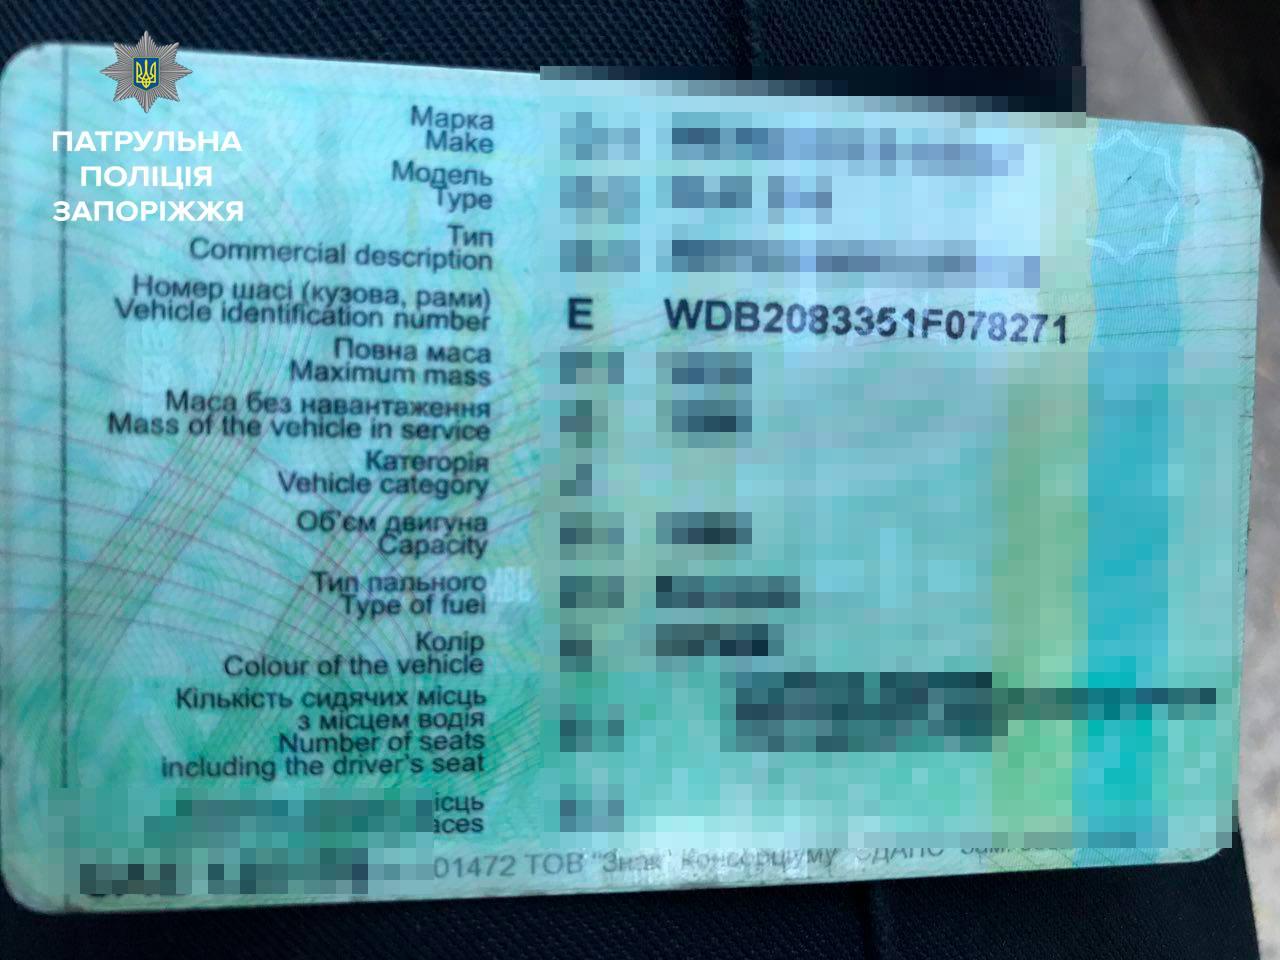 В Запорожье остановили авто с поддельным номером кузова - ФОТО